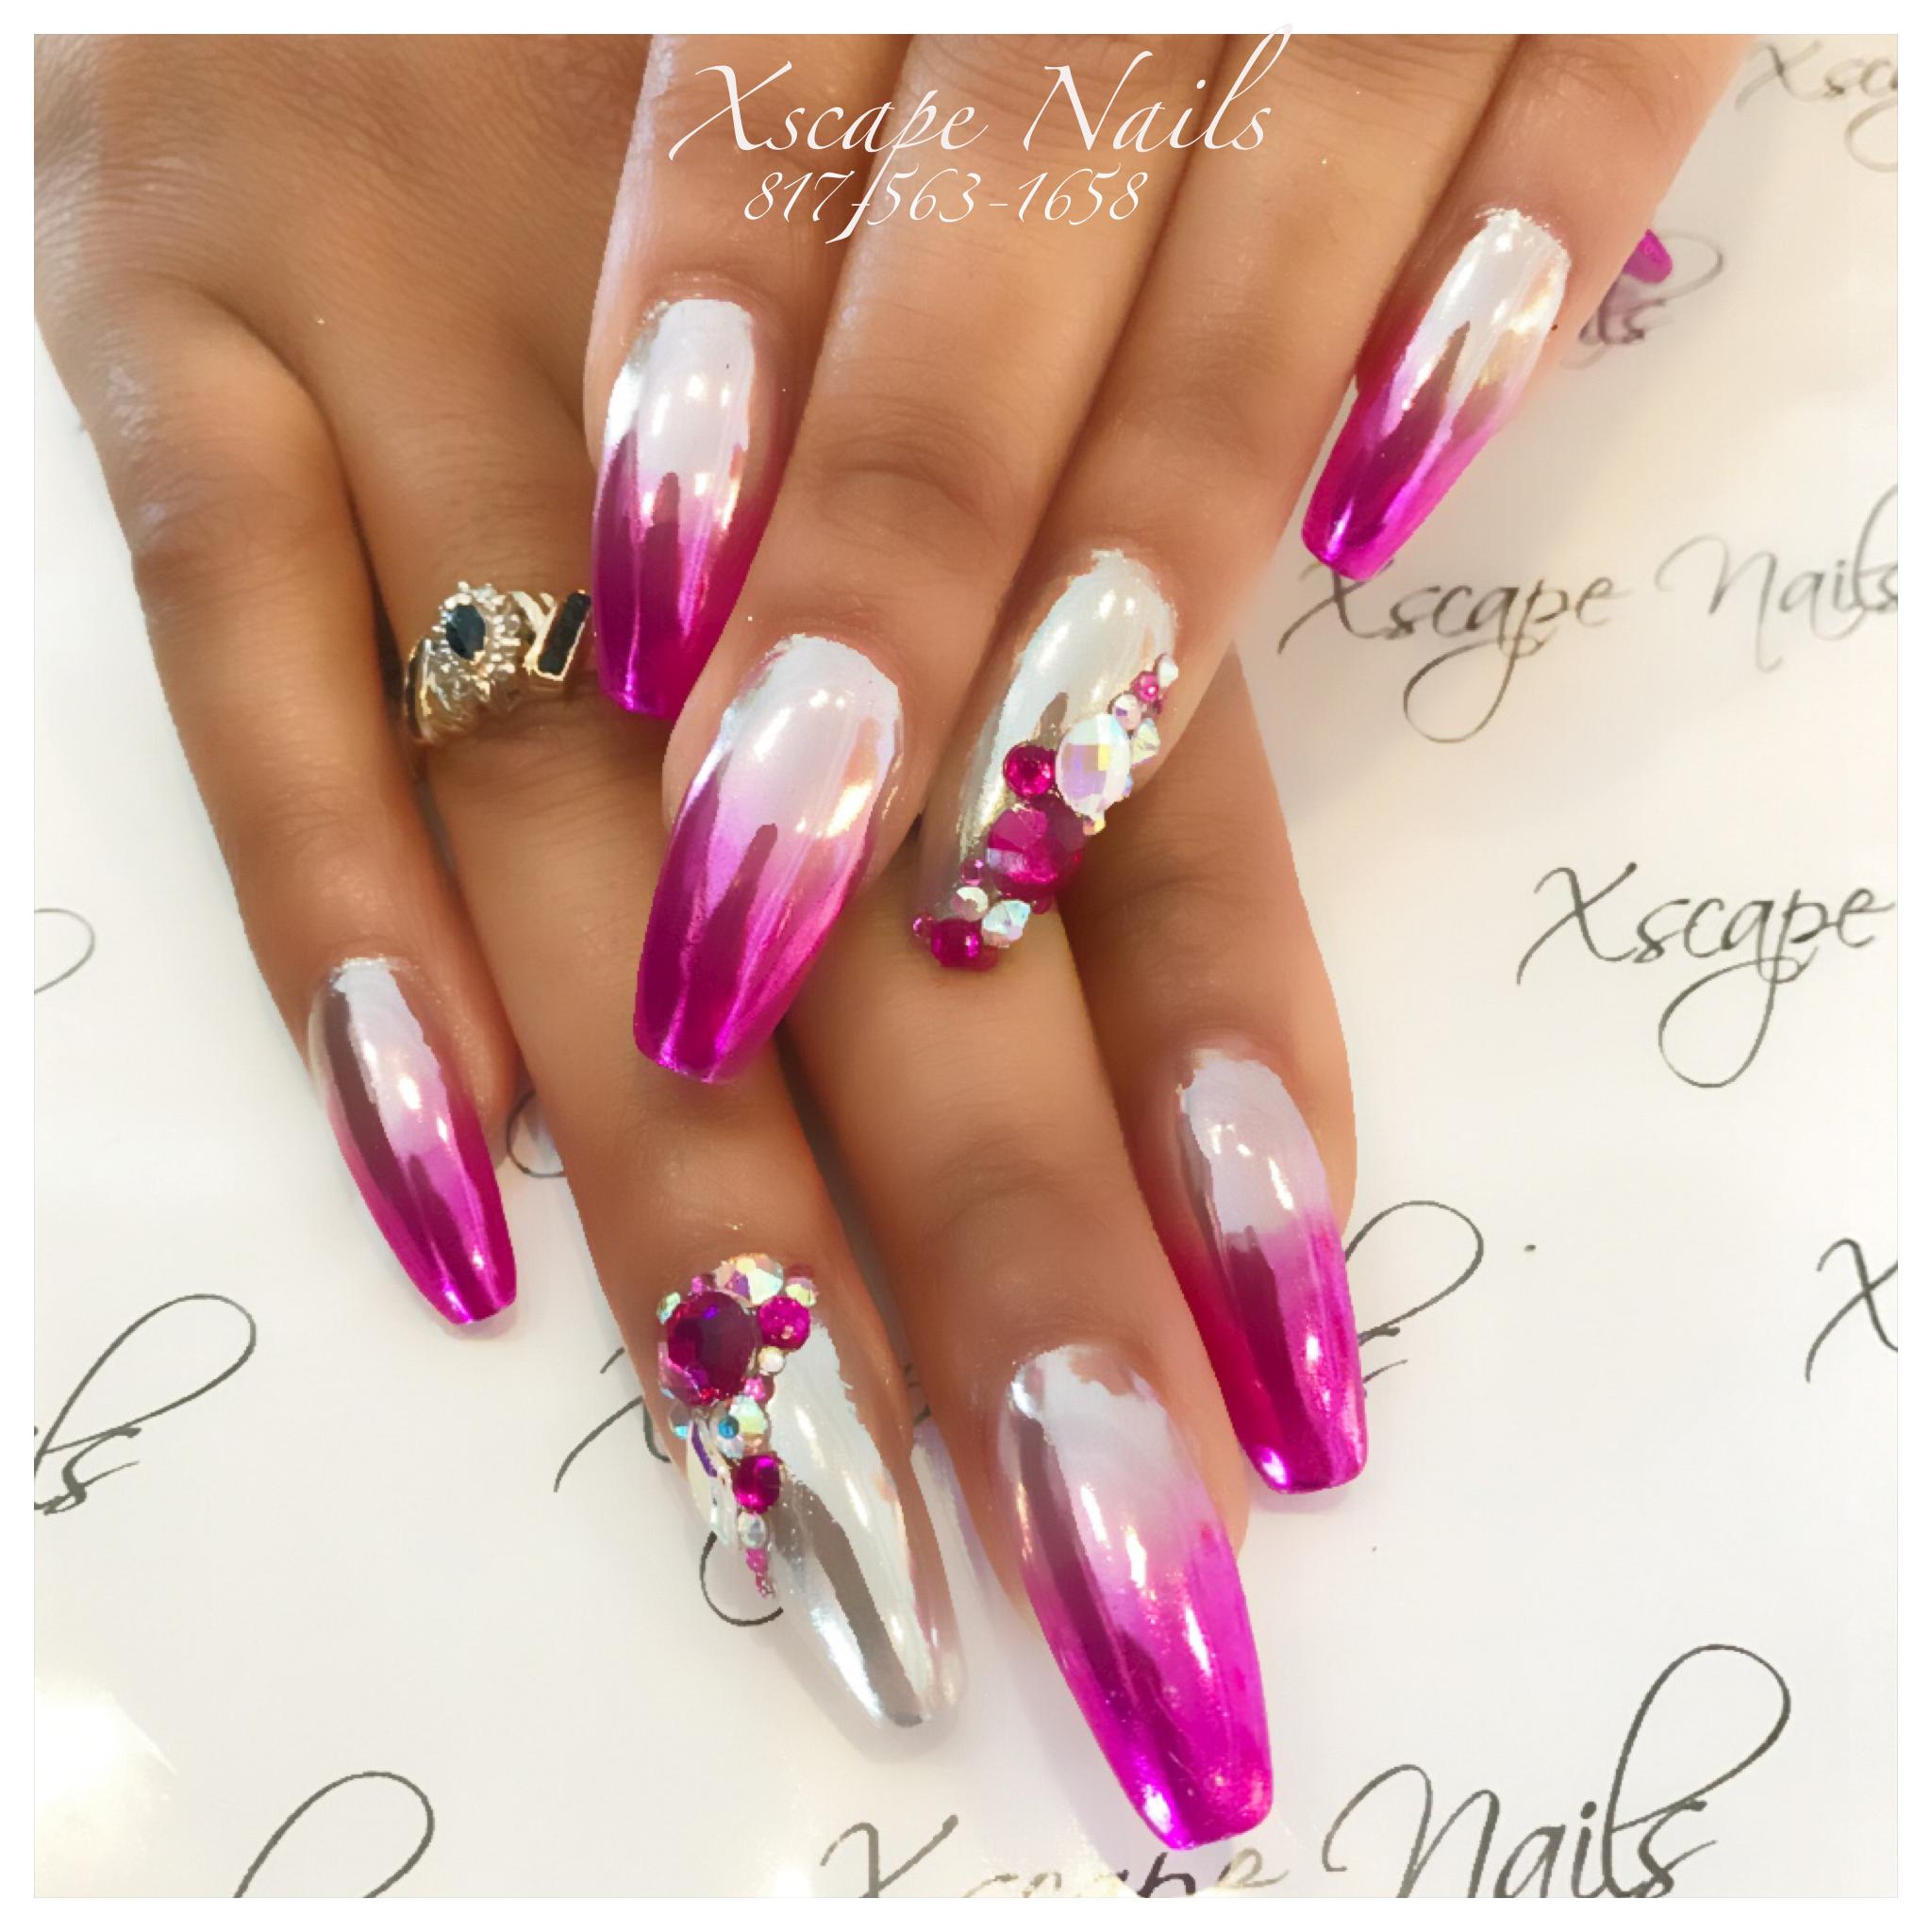 Blue glitter ombr 233 stiletto nails - Ombr Chrome Nails